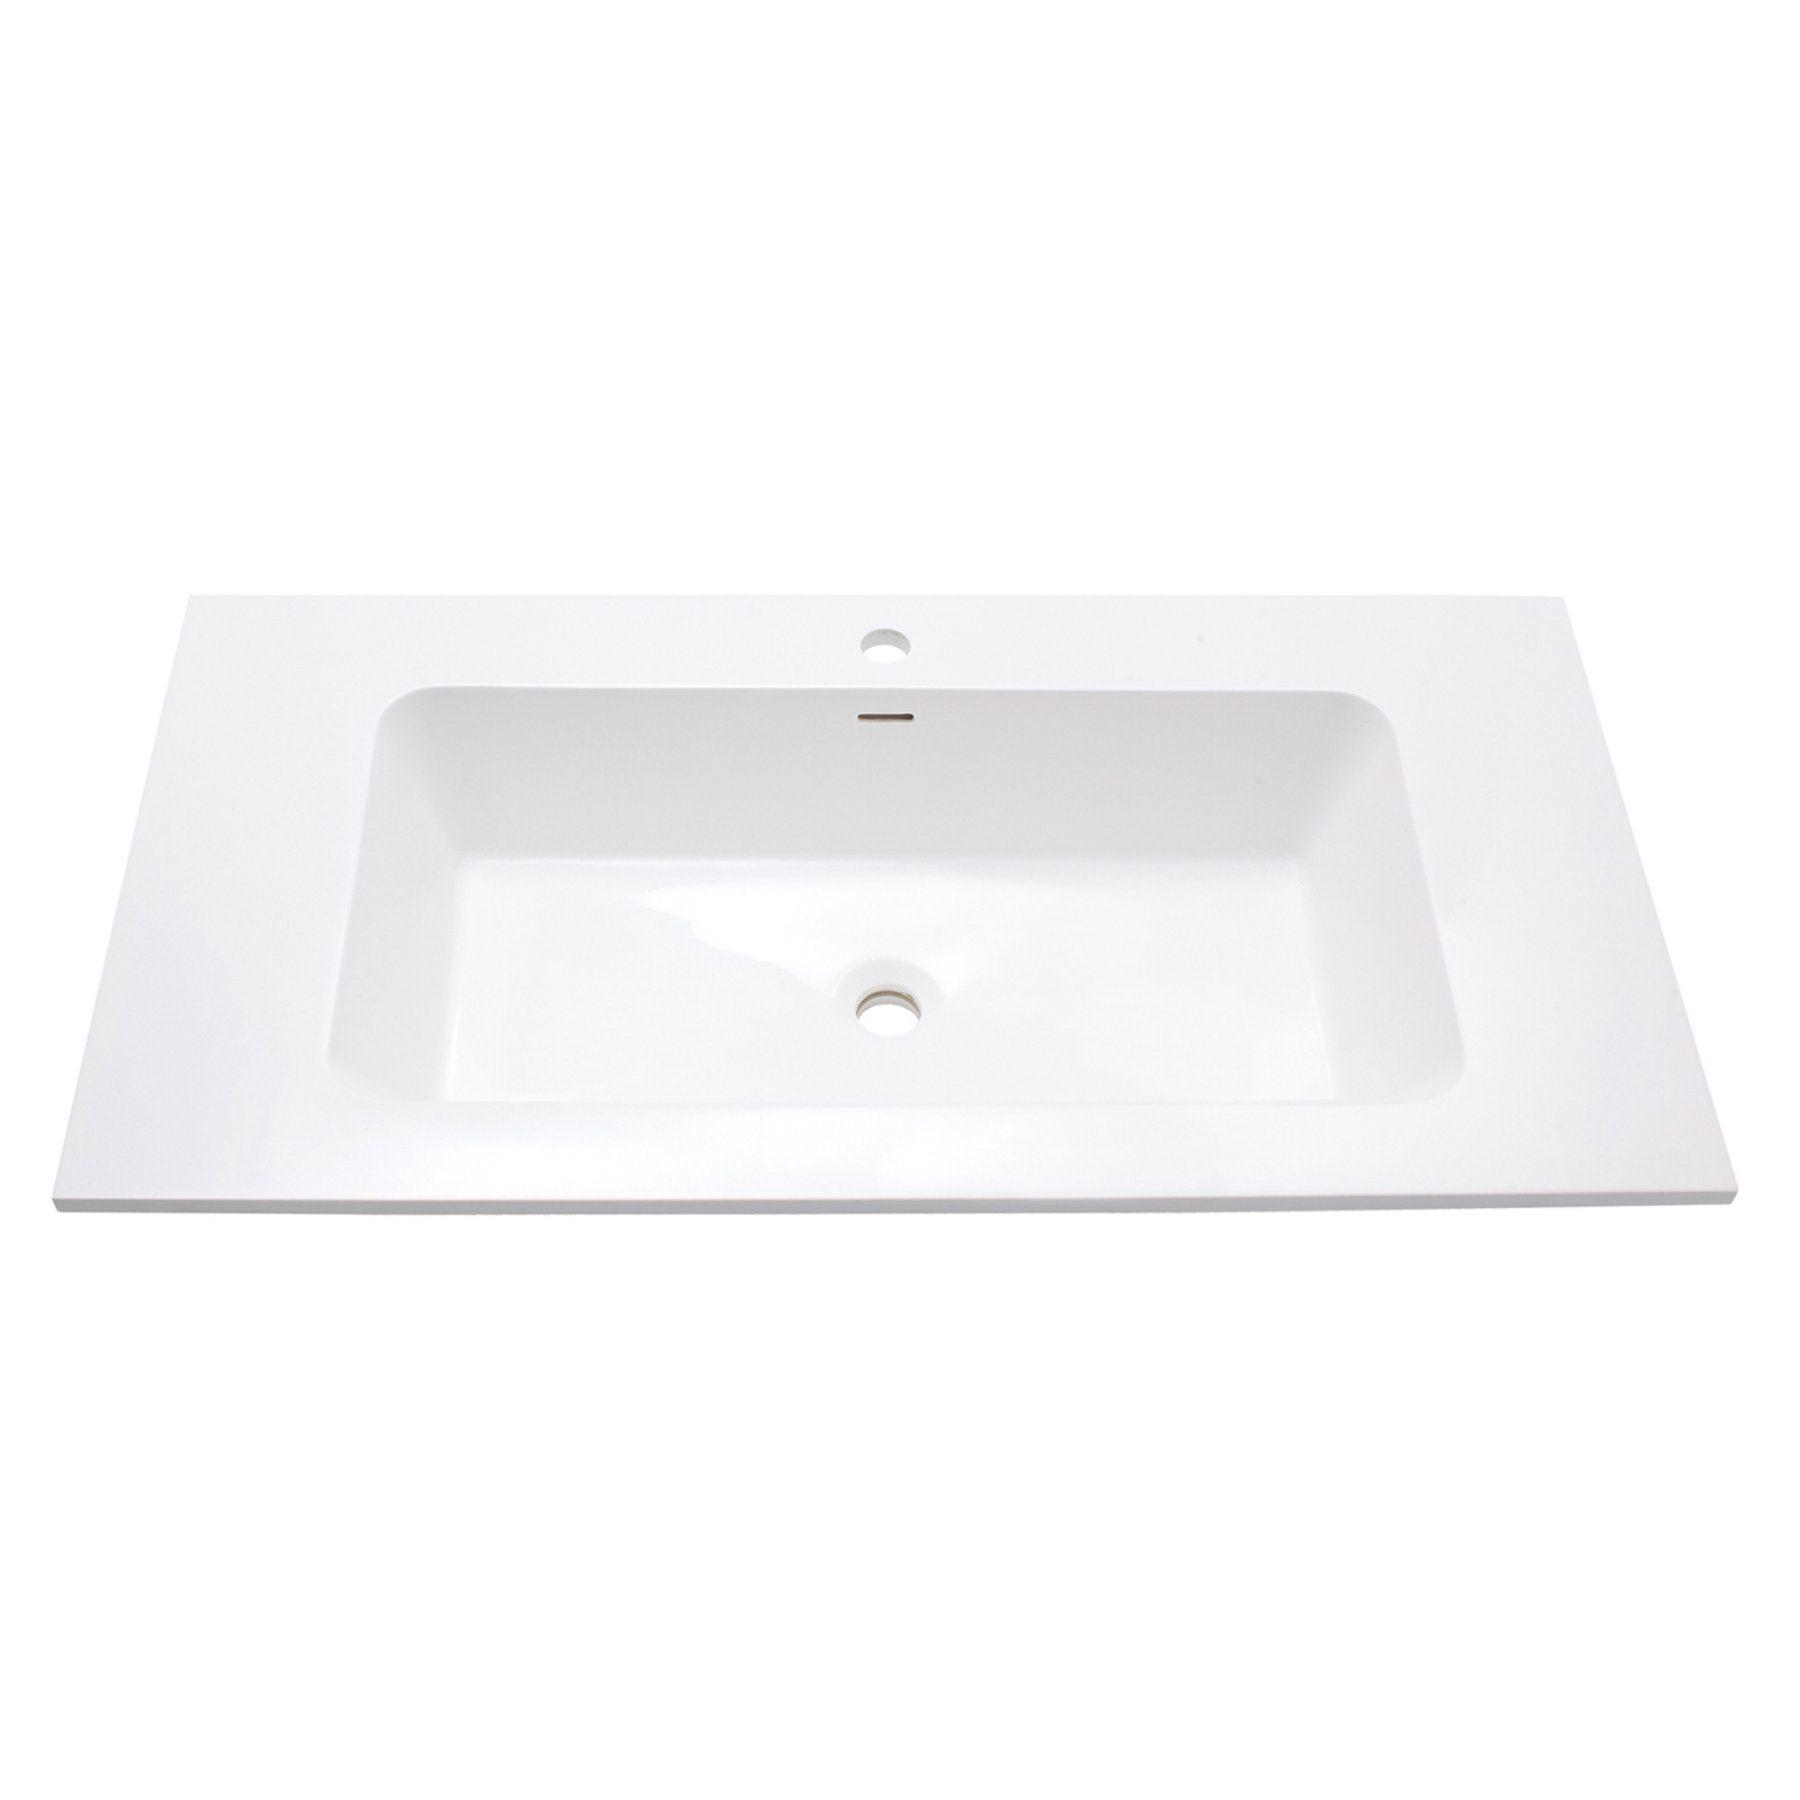 Avanity Versastone 39 In Single Bathroom Vanity Top With